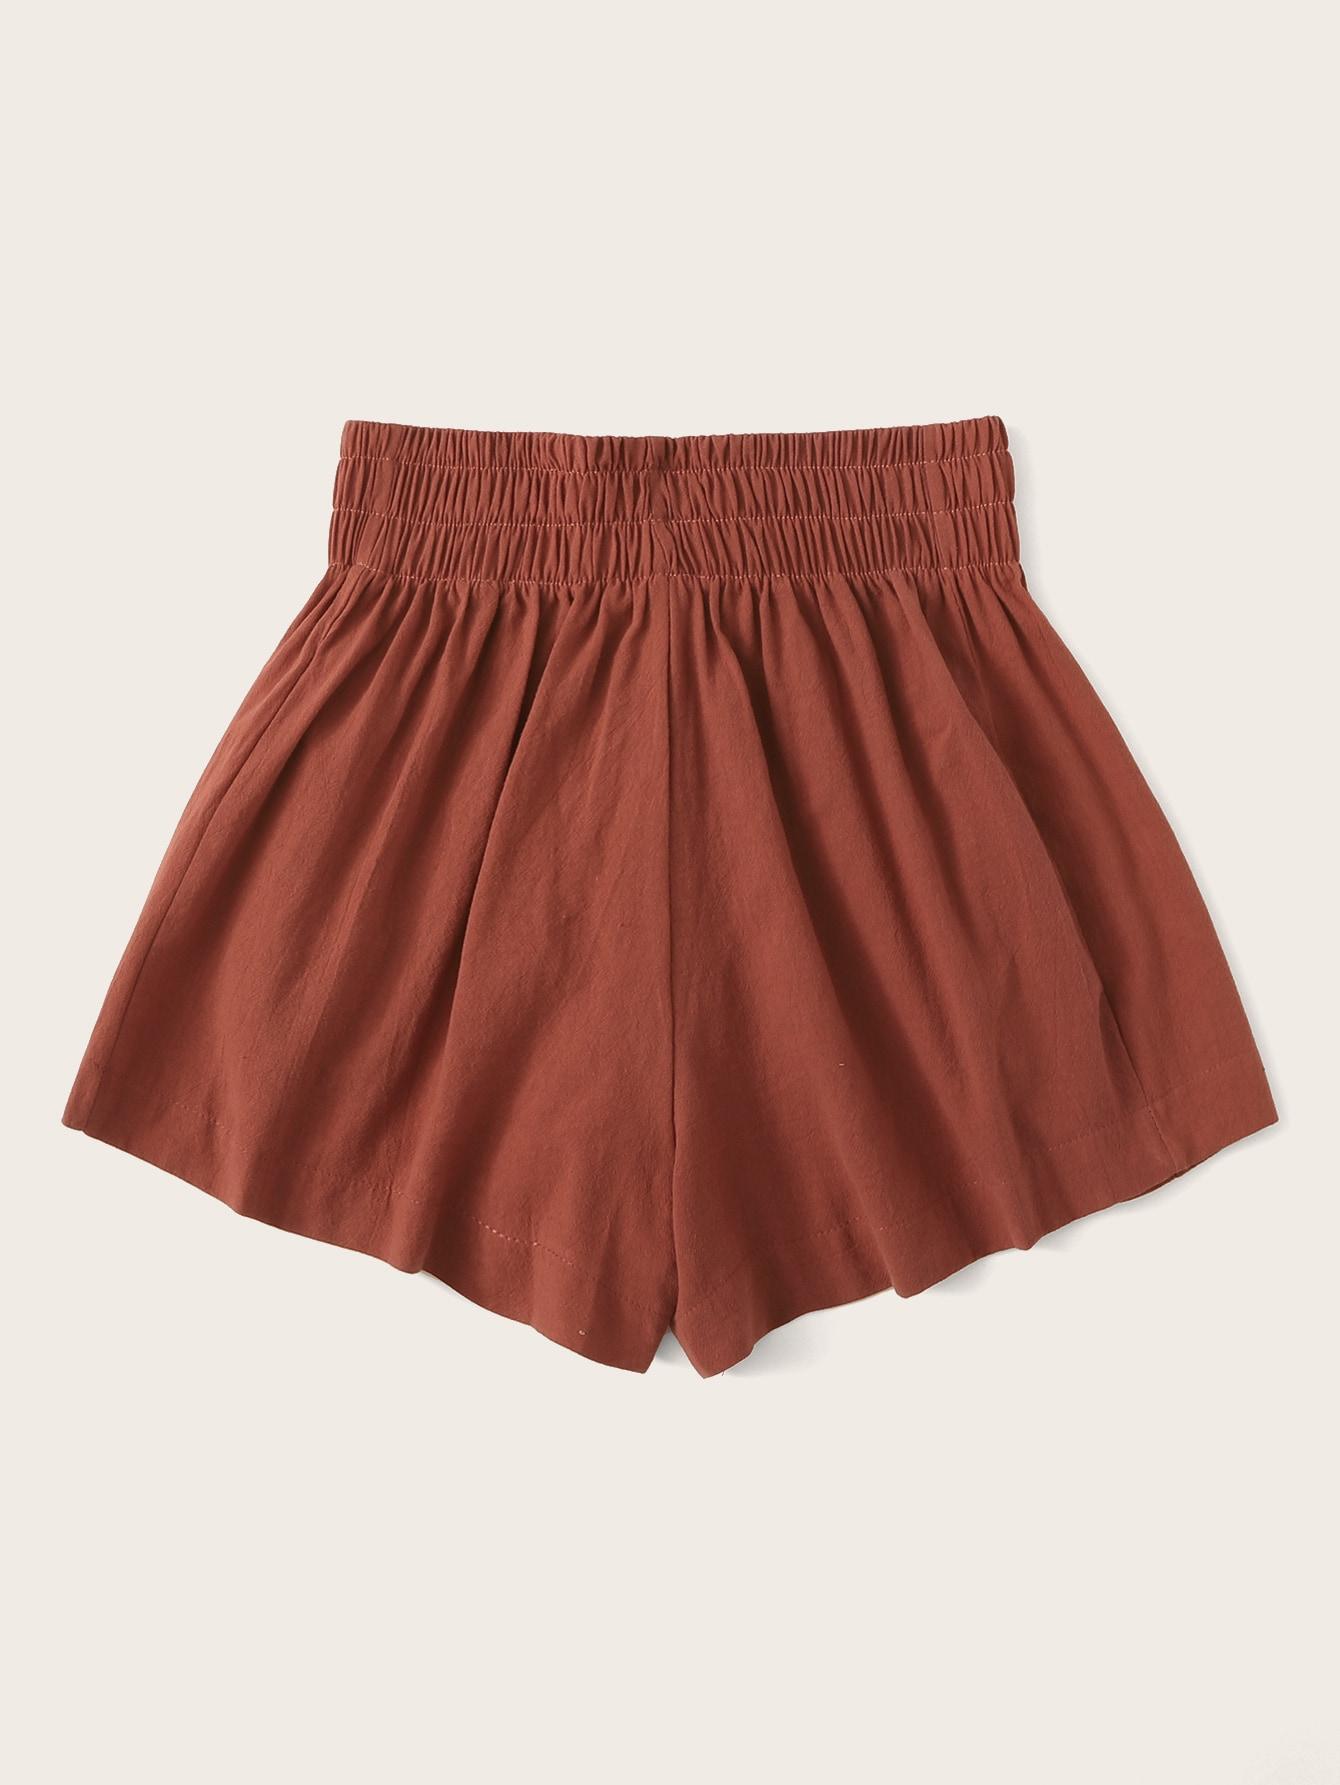 SHEIN / Shorts sólidos de cintura alta